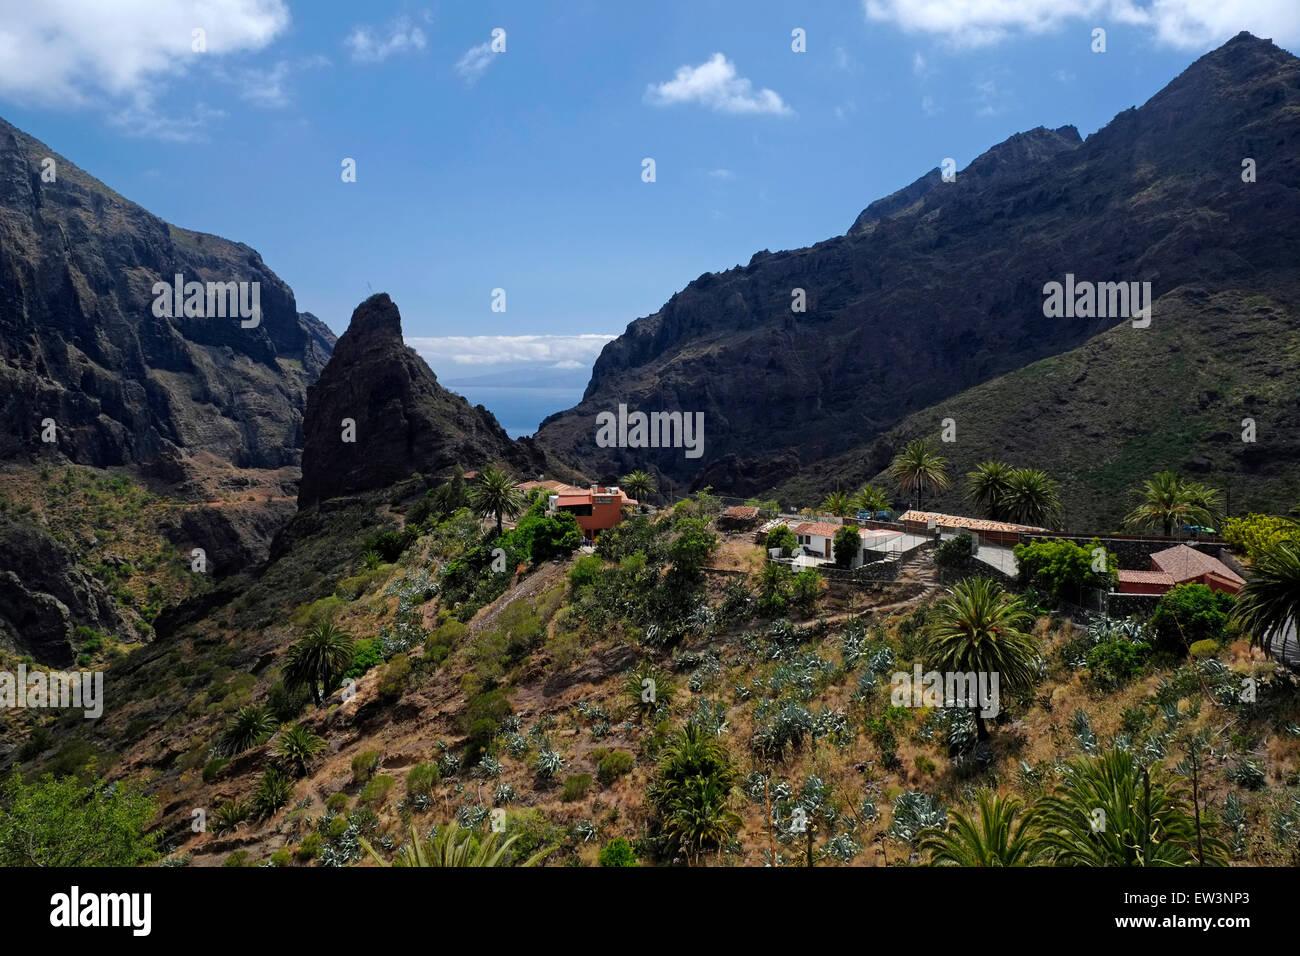 Malerische Aussicht tiefe Schluchten rund um die bergige Dorf Masca liegt in den Macizo de Teno-Gebirge im Norden Stockbild